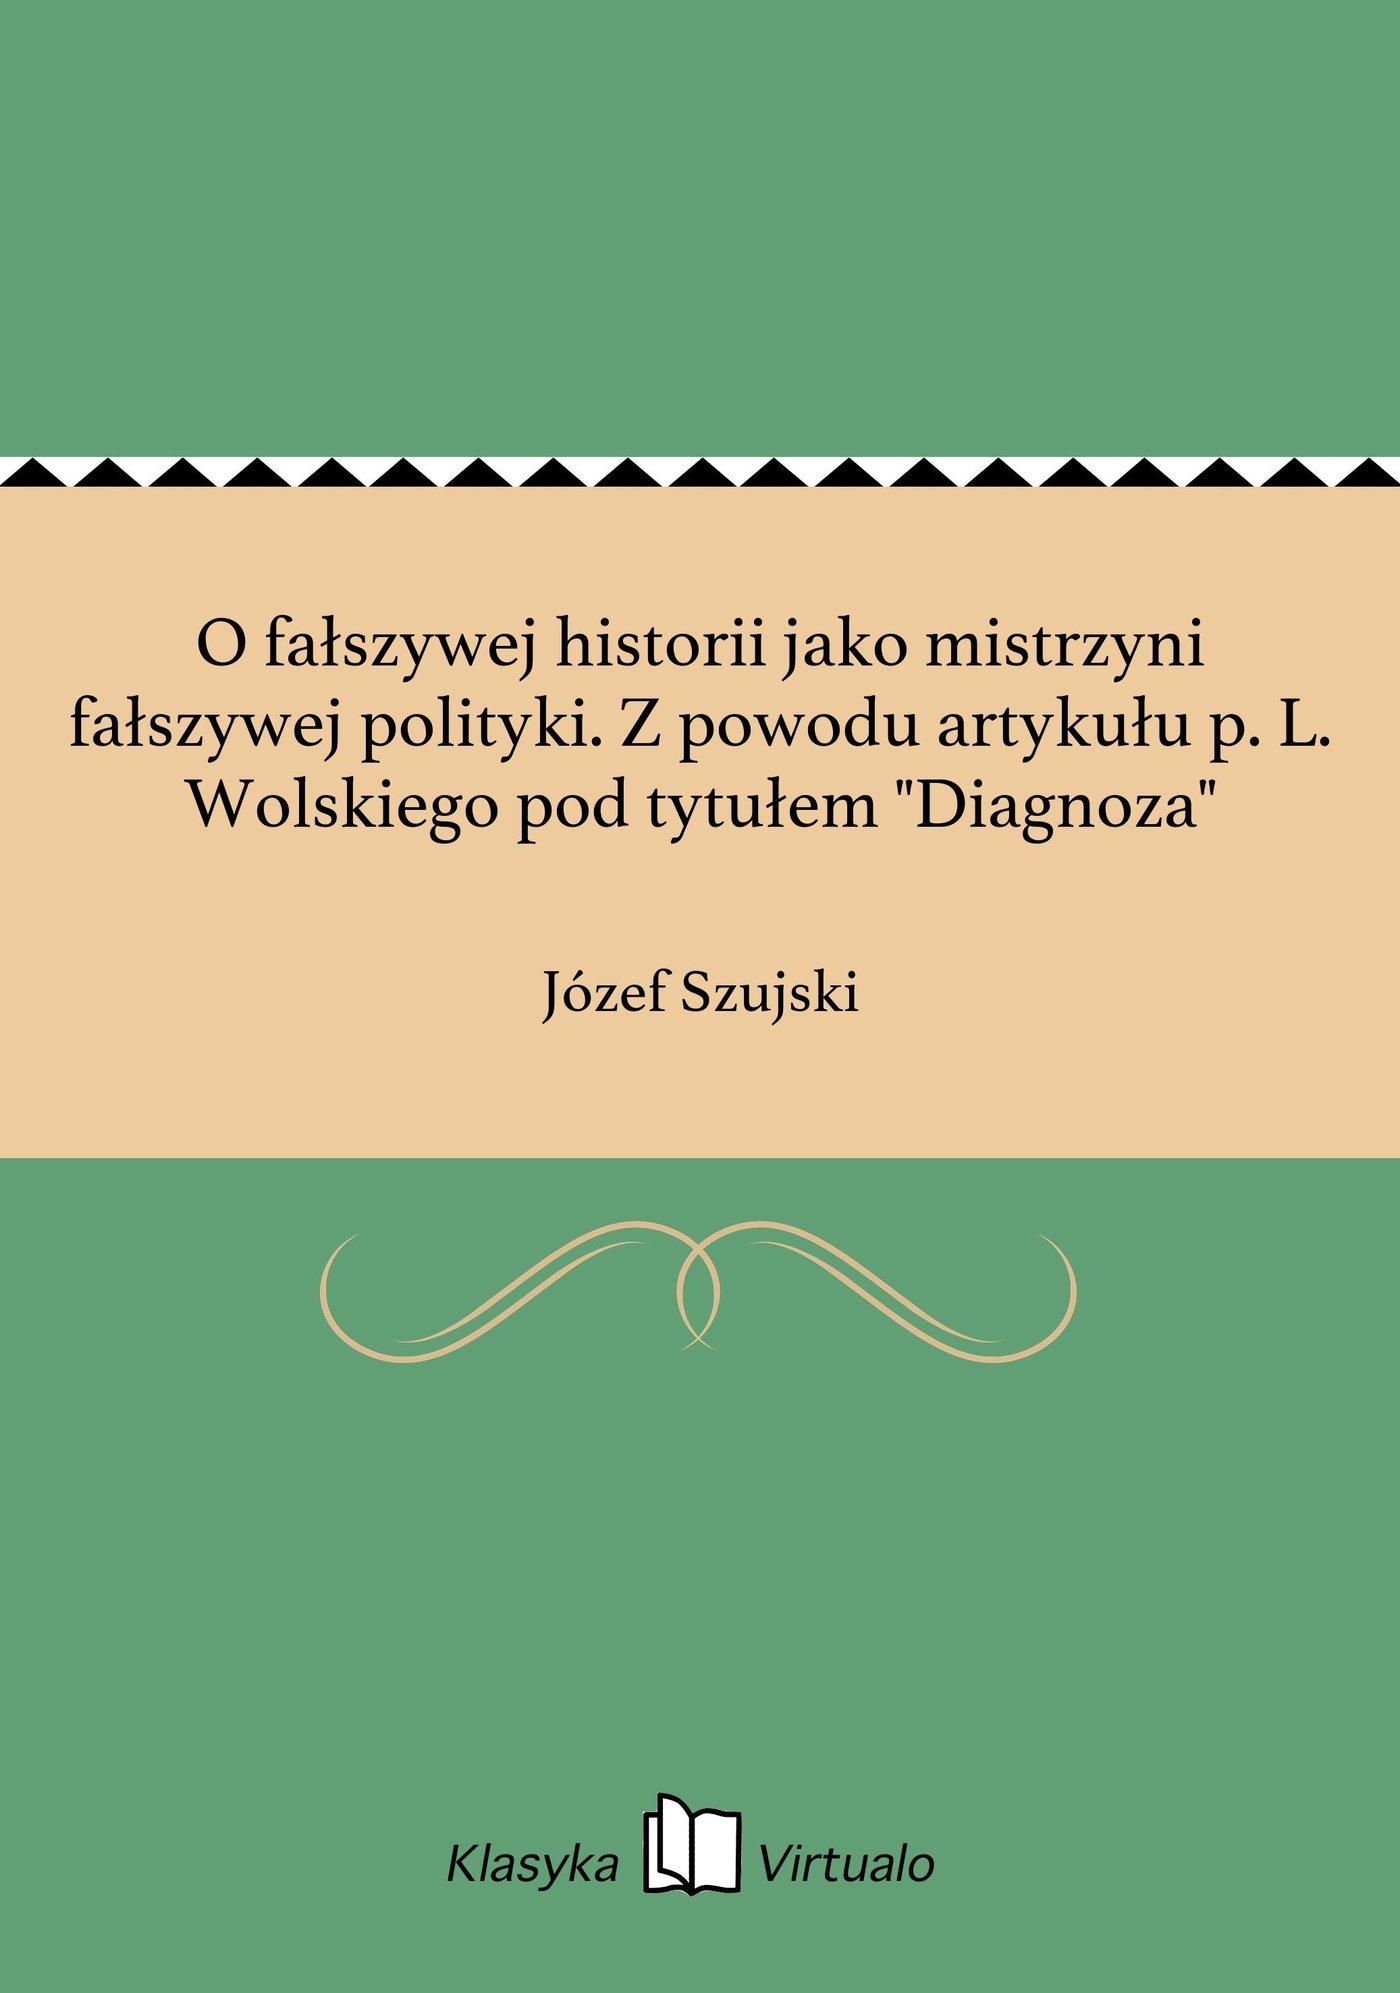 """O fałszywej historii jako mistrzyni fałszywej polityki. Z powodu artykułu p. L. Wolskiego pod tytułem """"Diagnoza"""" - Ebook (Książka EPUB) do pobrania w formacie EPUB"""